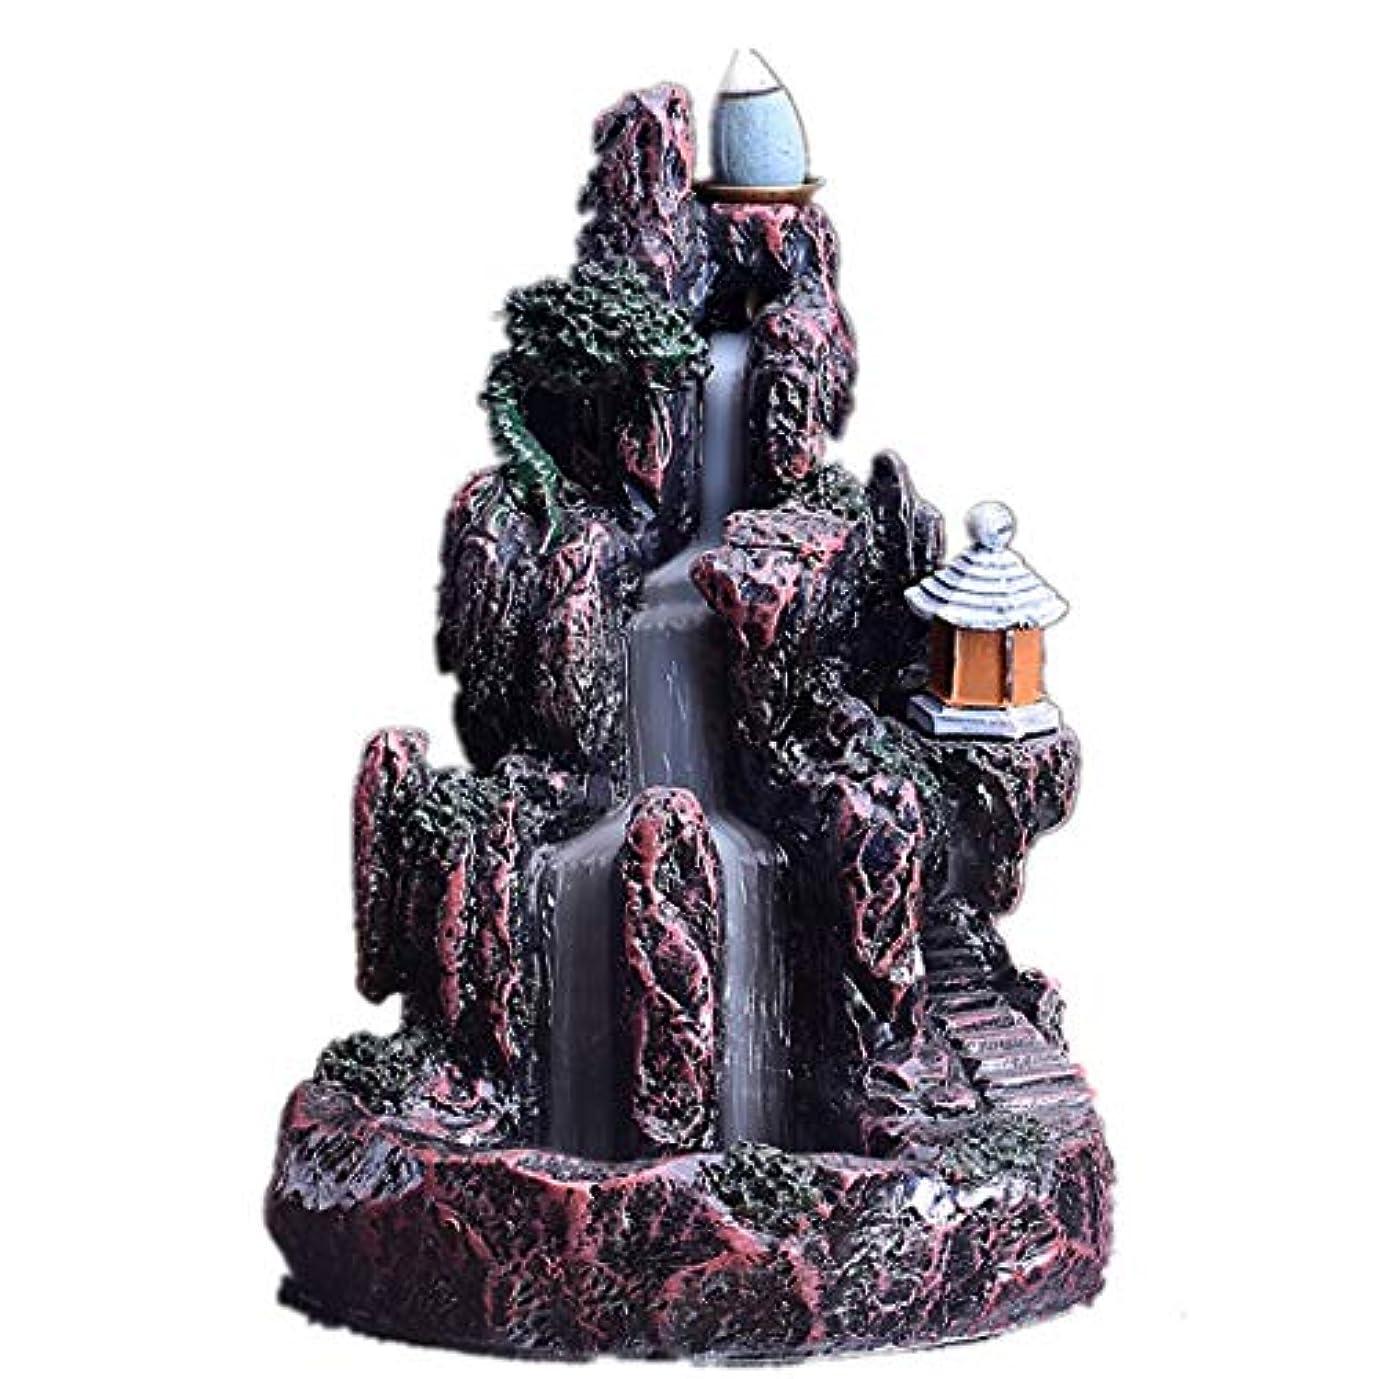 楕円形レンダリング観点XPPXPP Backflow Incense Burner, Household Ceramic Returning Cone-shaped Candlestick Burner